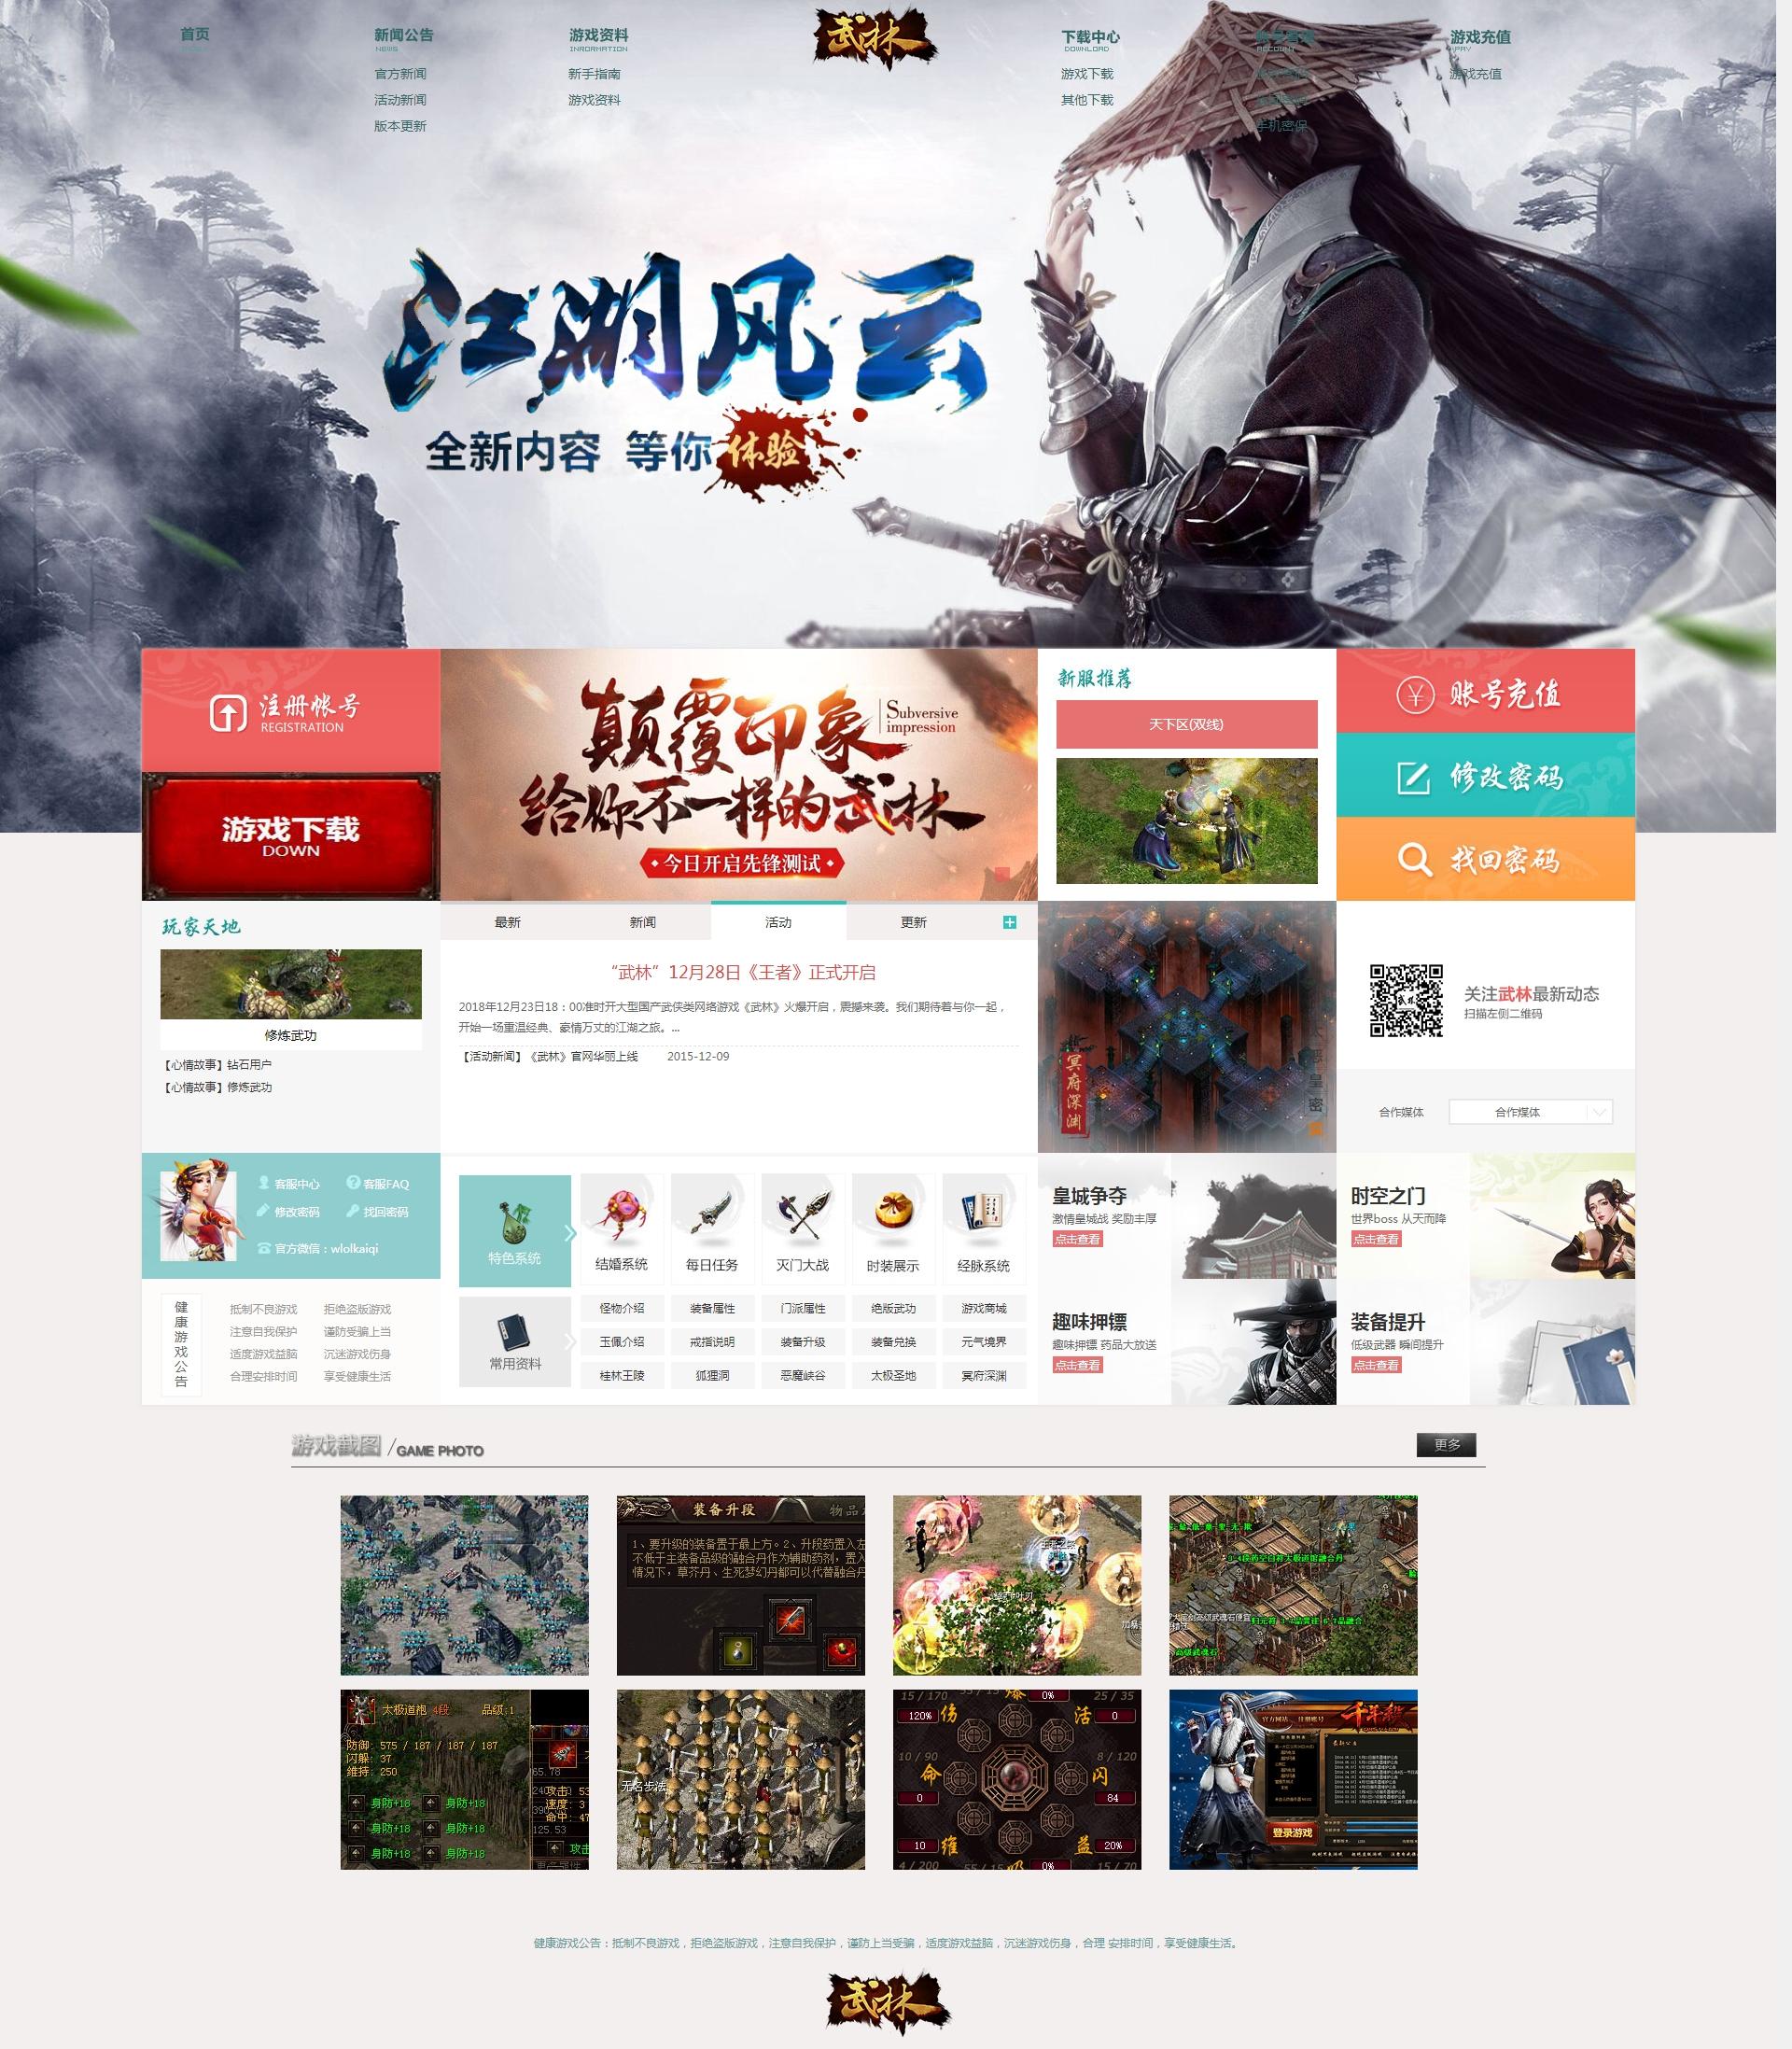 武林千年-网站源码 传奇ASP神途传奇网站源码模版官网 KESION后台